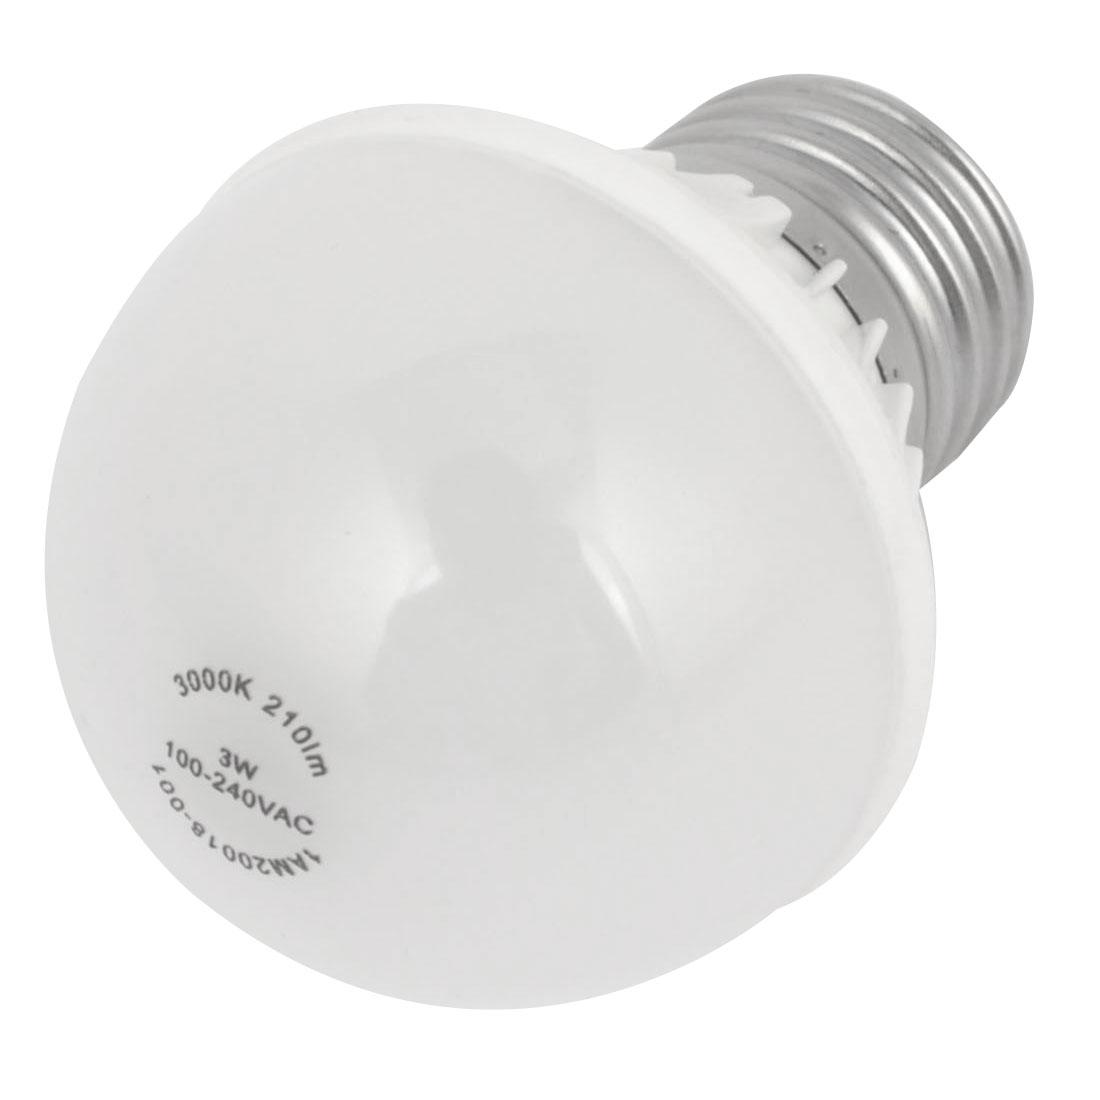 OU003-Bd AC 100-240V 3W 3000K E27 Warm White LED Globe Ball Light for Office